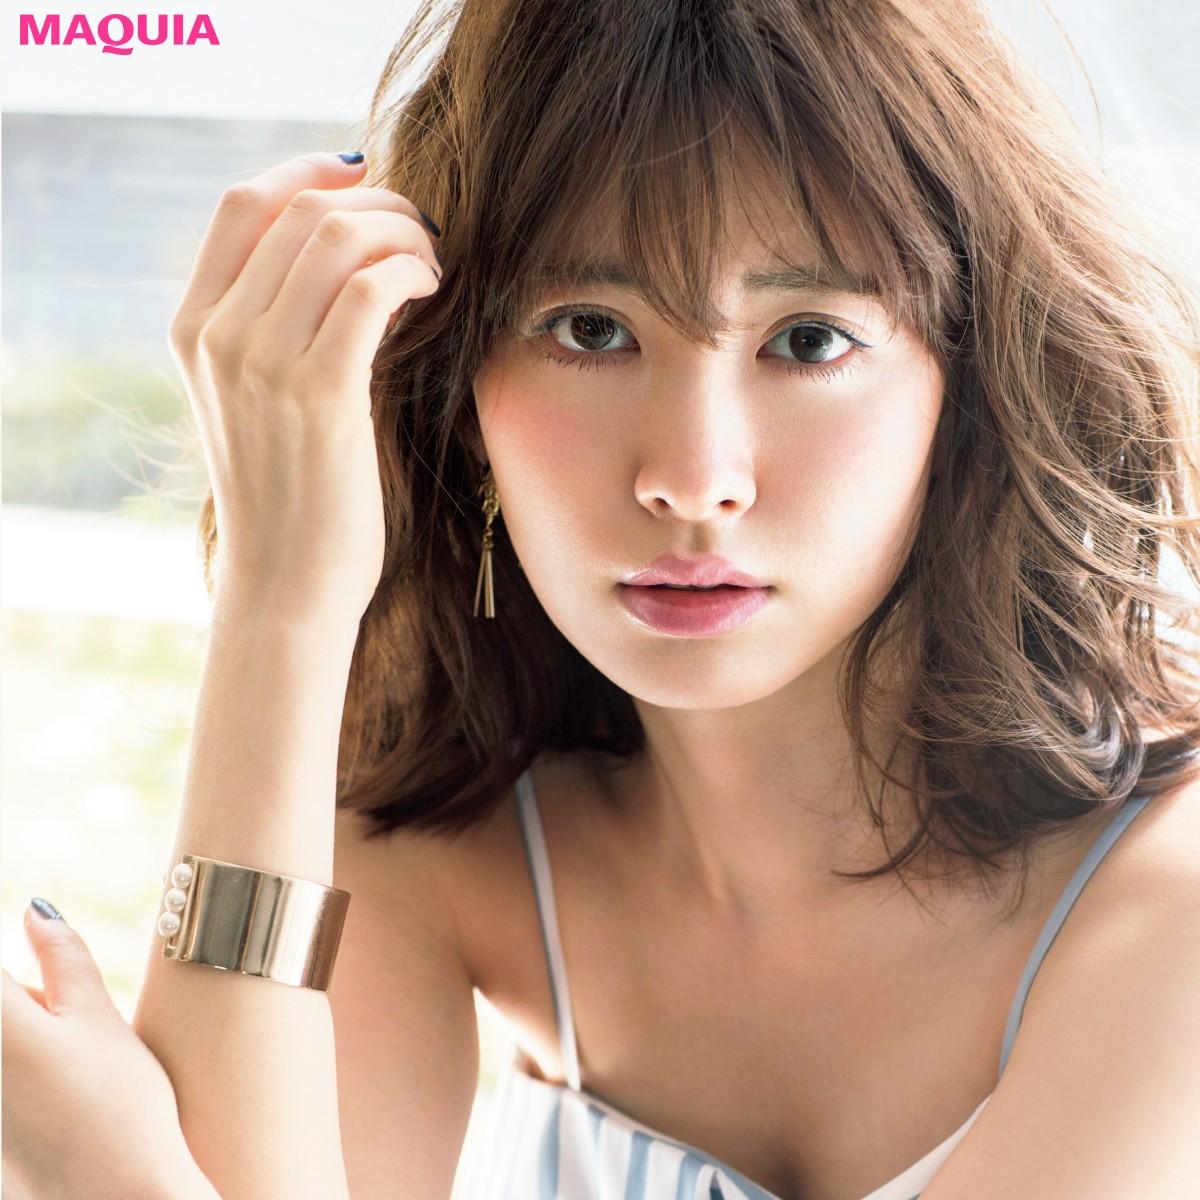 """小嶋陽菜さんの""""美容ファースト""""なライフスタイルとは?ケア法、愛用品etc.聞きました!"""